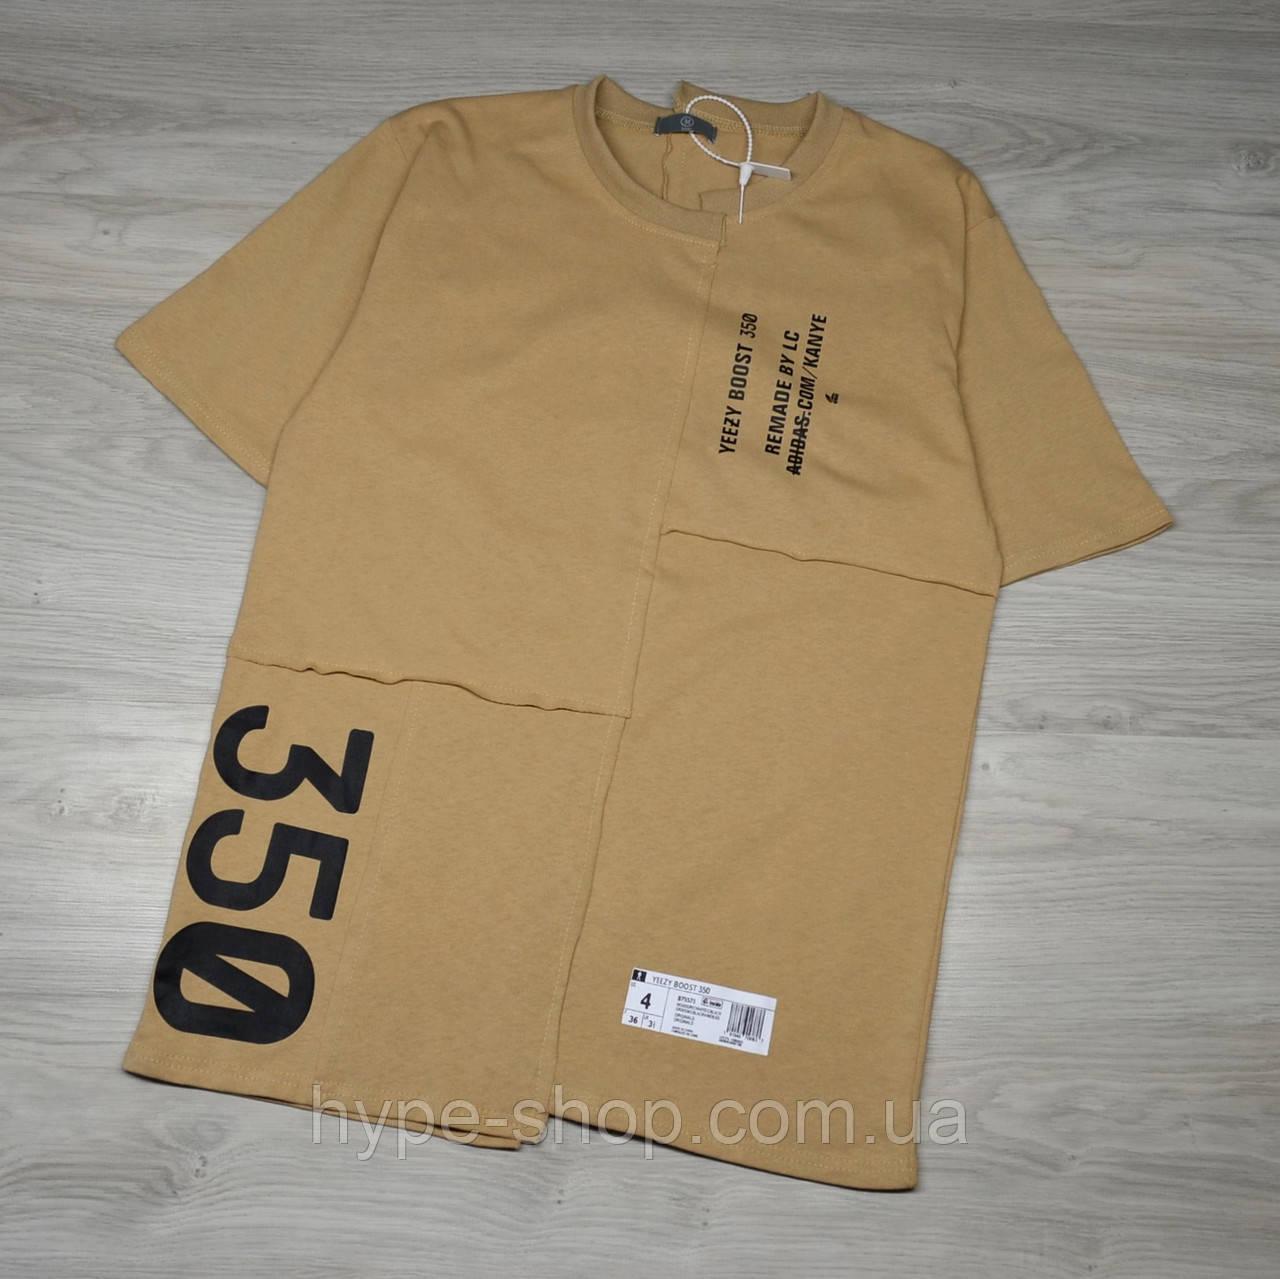 Чоловіча футболка Adidas Yeezy Boost x Kanye West якісний принт